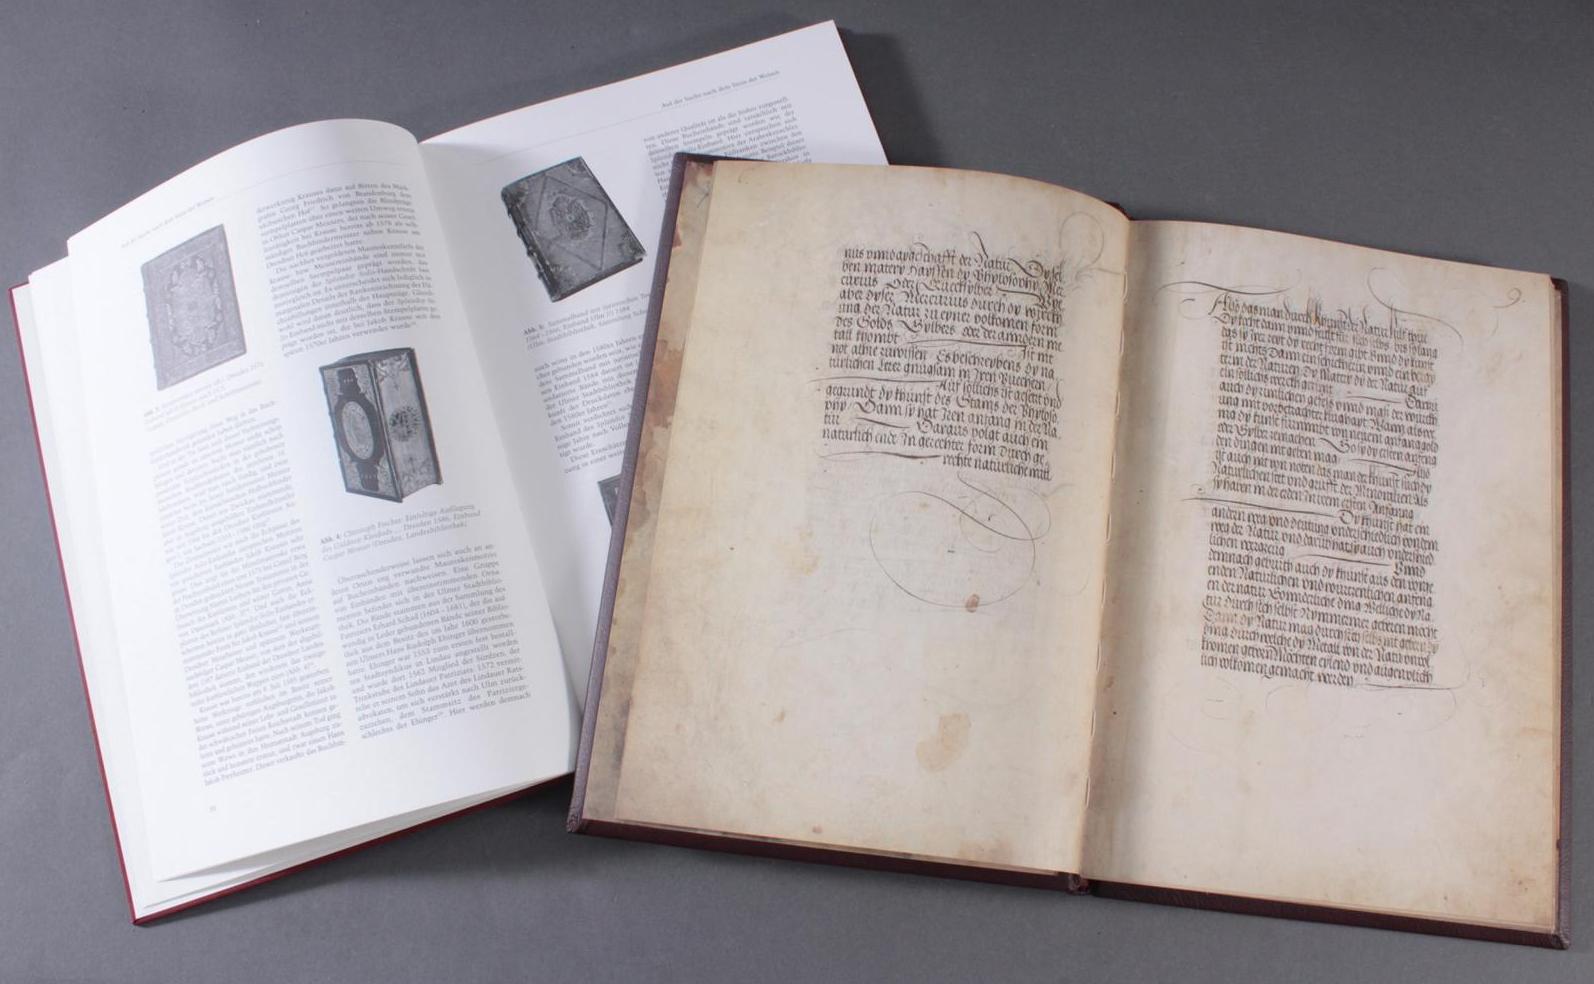 Faksimile, Biblia 1630 Das neue Testamen durch Martin Luther verdeutscht, Splendor Solis-2